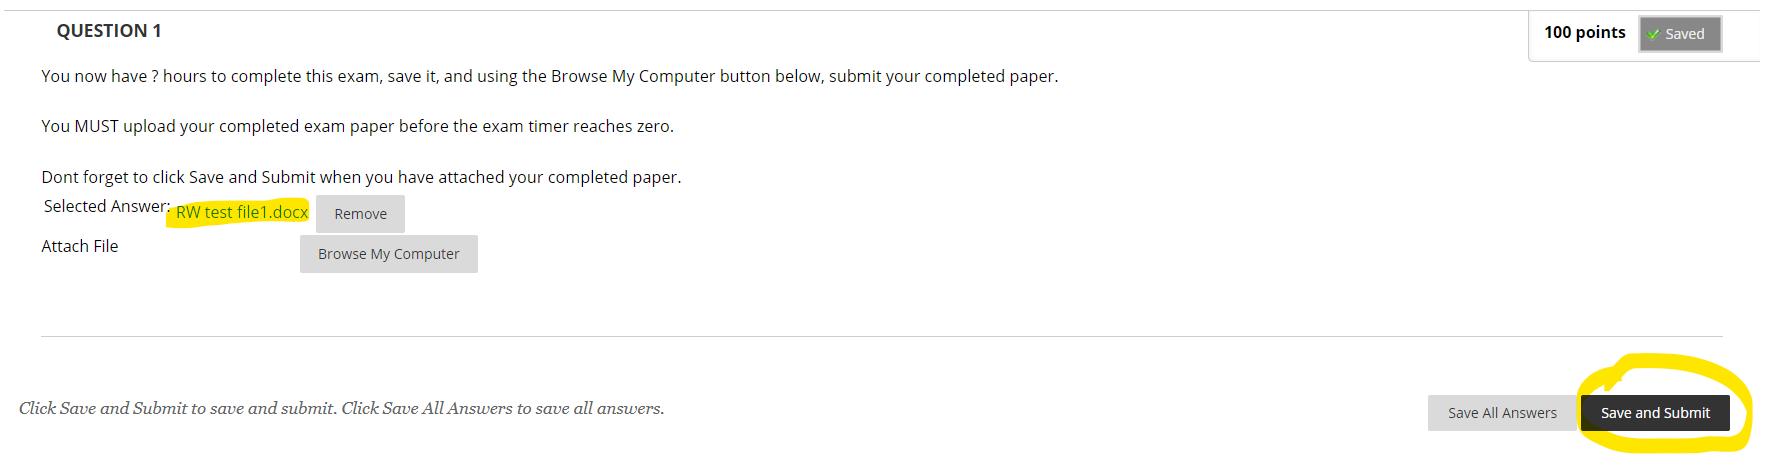 submit exam button